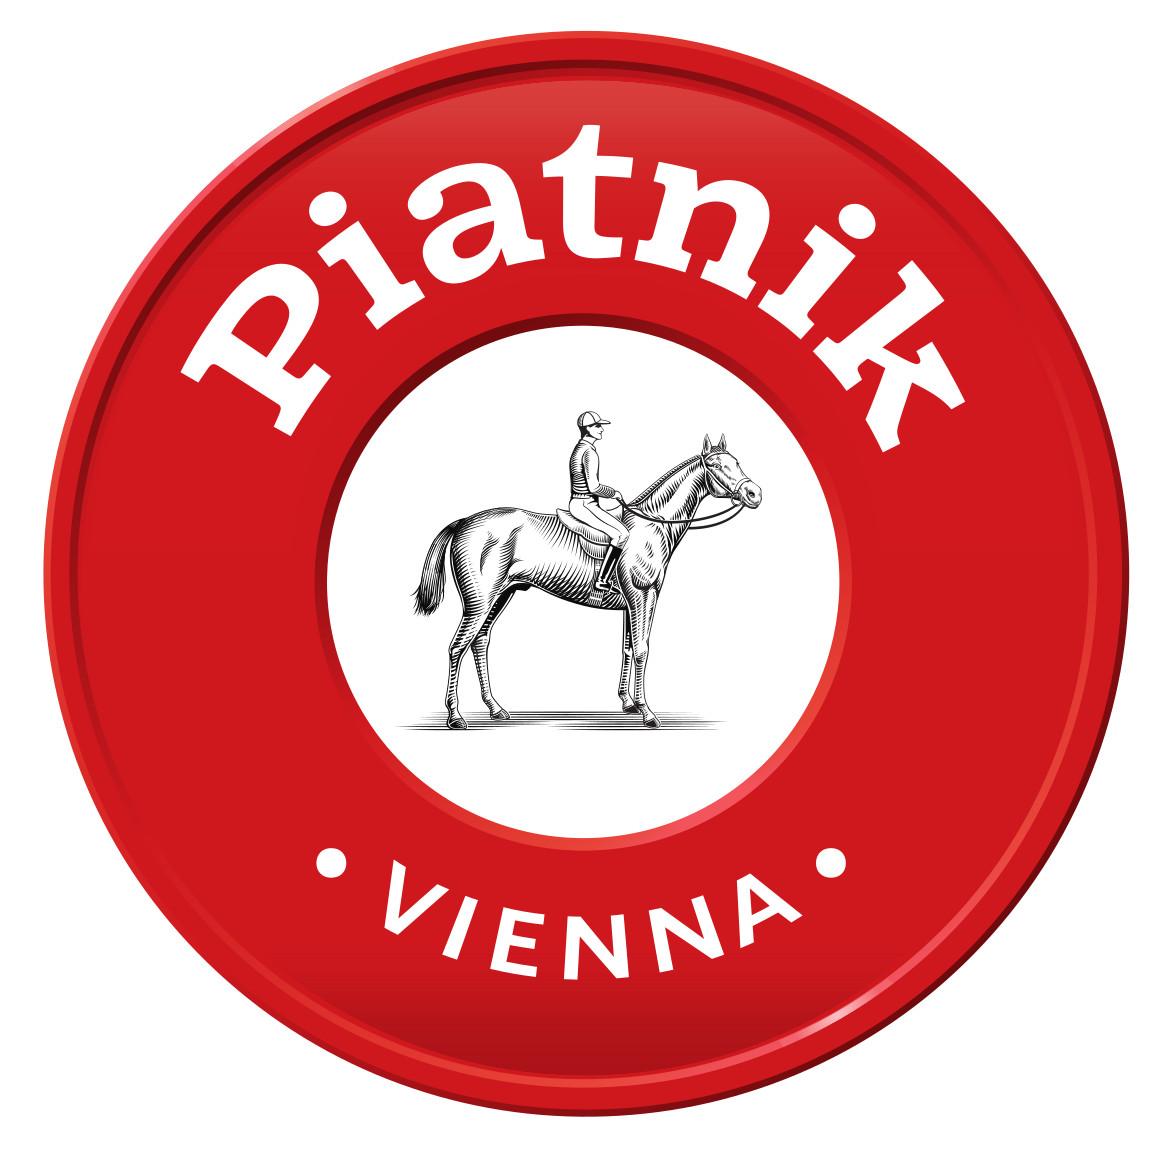 http://www.piatnik.pl/